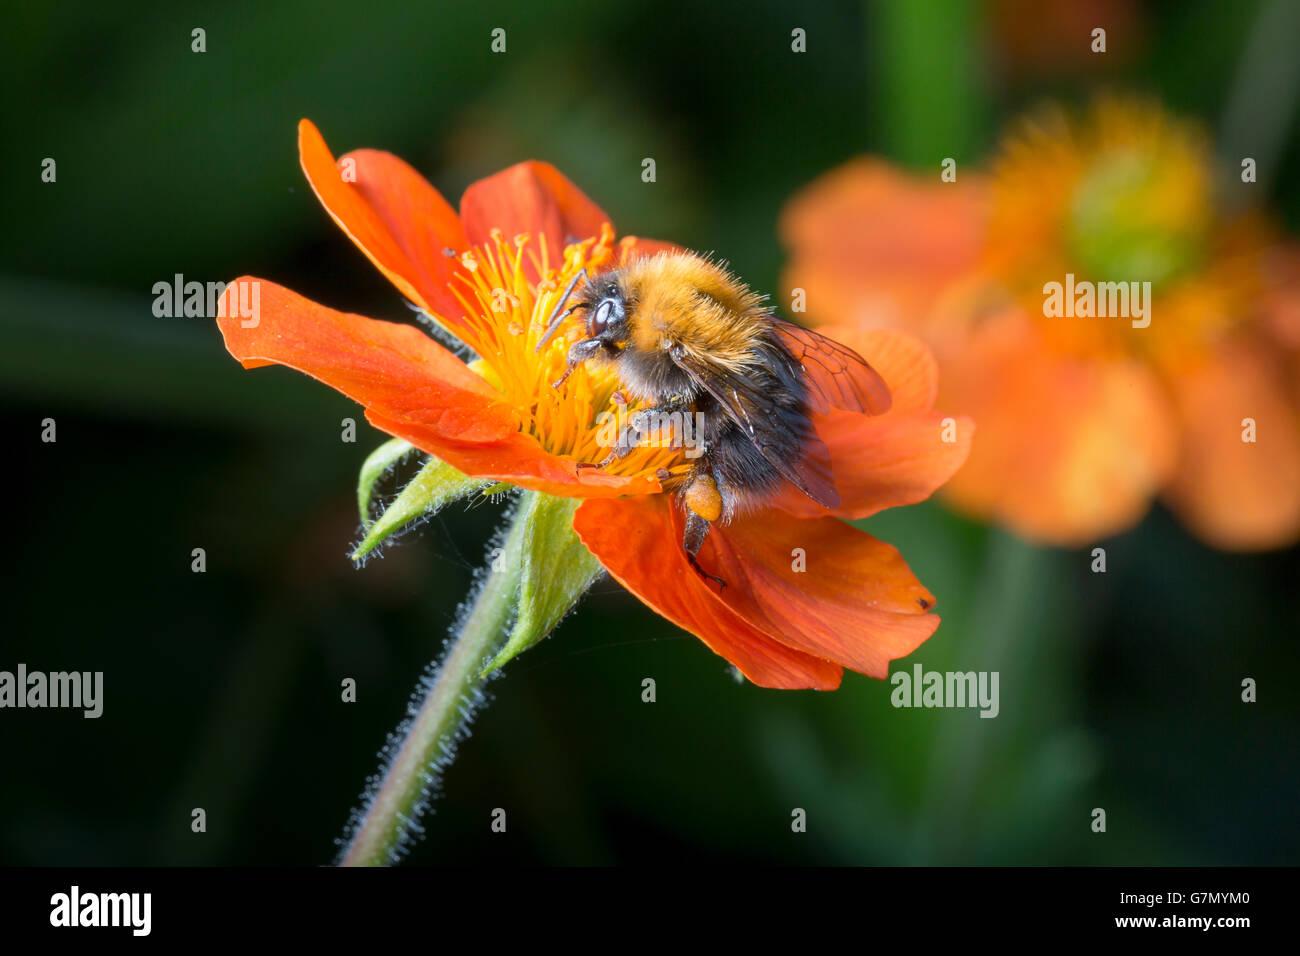 Bumble bee on orange flower close up image. Stock Photo